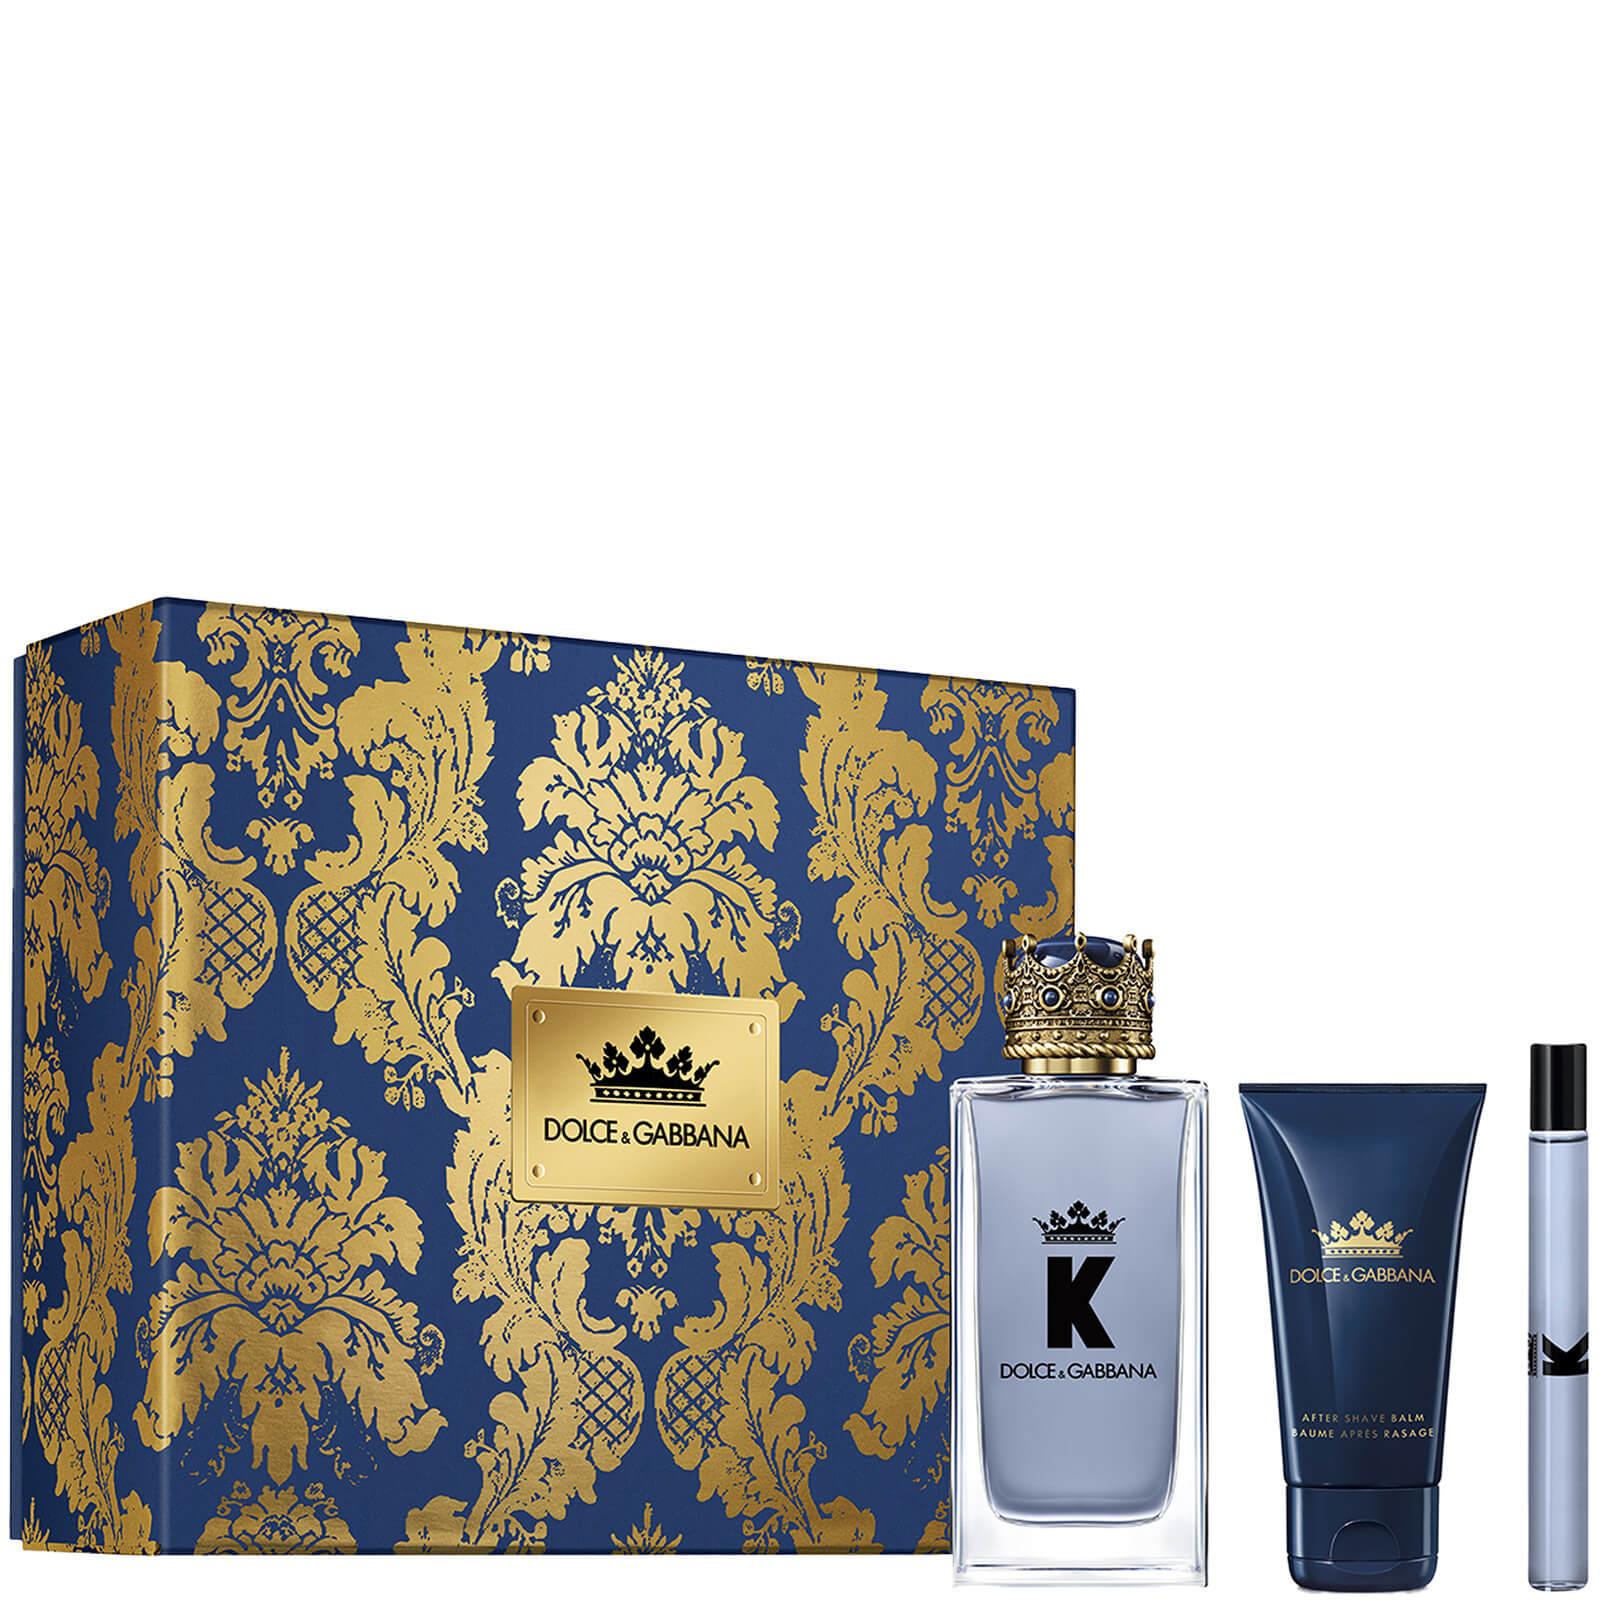 Image of Dolce&Gabbana Exclusive K Eau de Toilette Set - 100ml